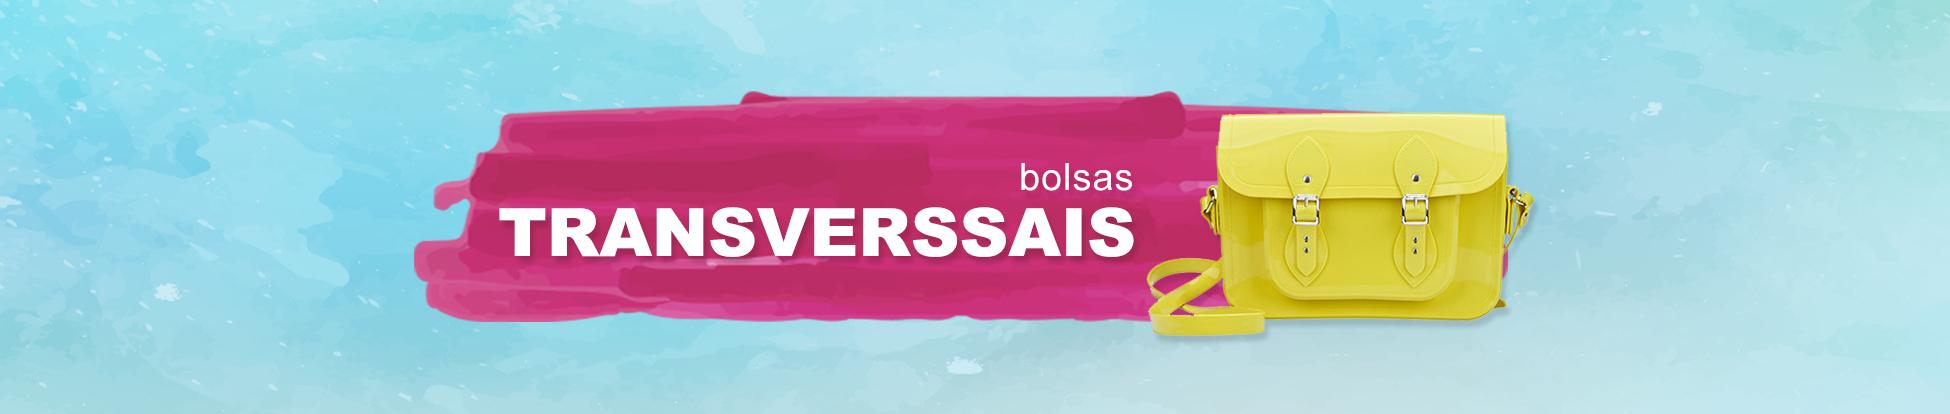 Bolsas - Transversais